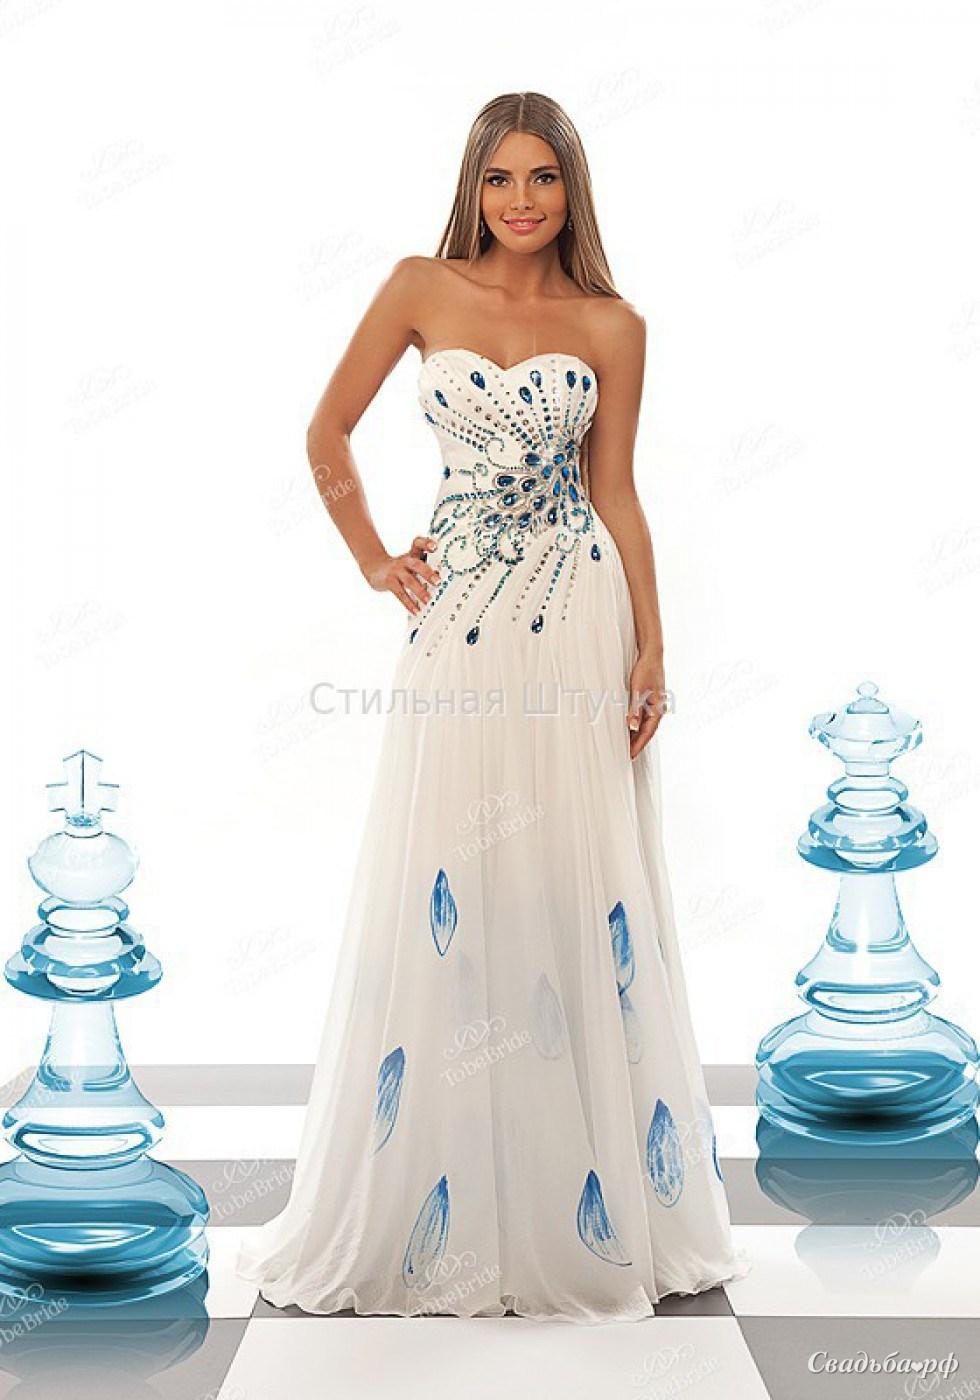 Свадебное платье С0013В-Б835 - Свадебный салон Бутик вечерней моды Стильная Штучка